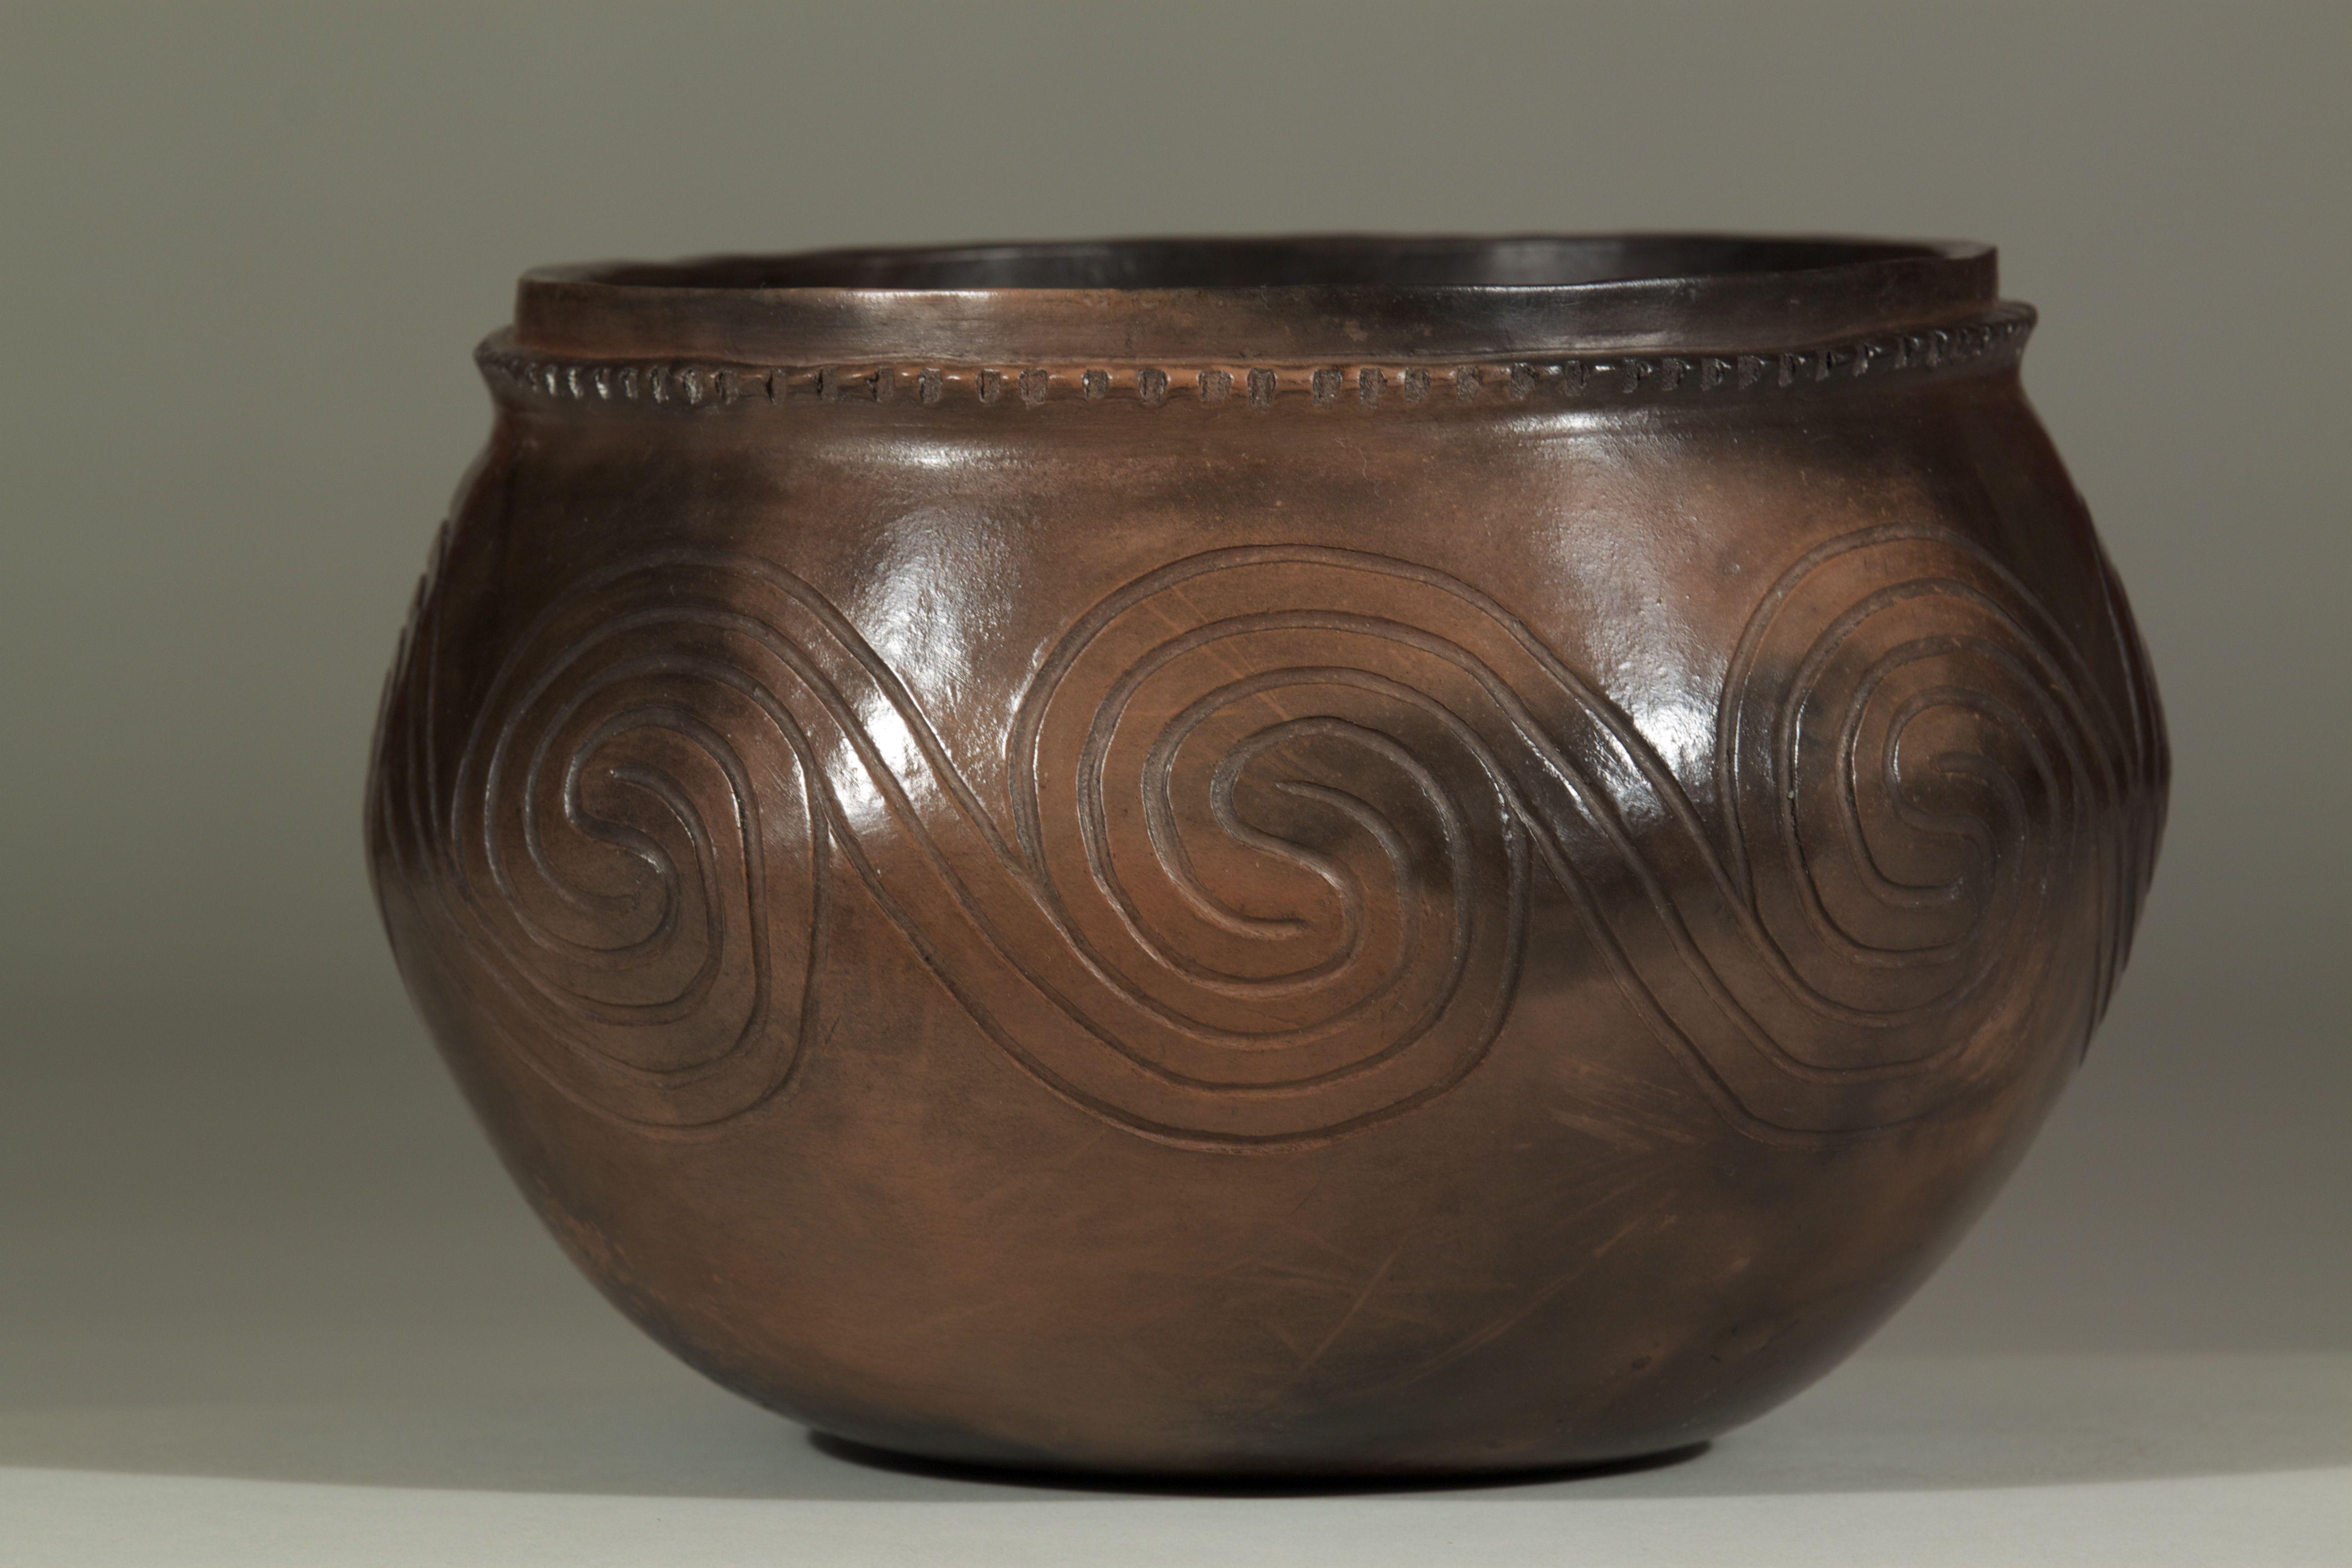 096-Water bowl